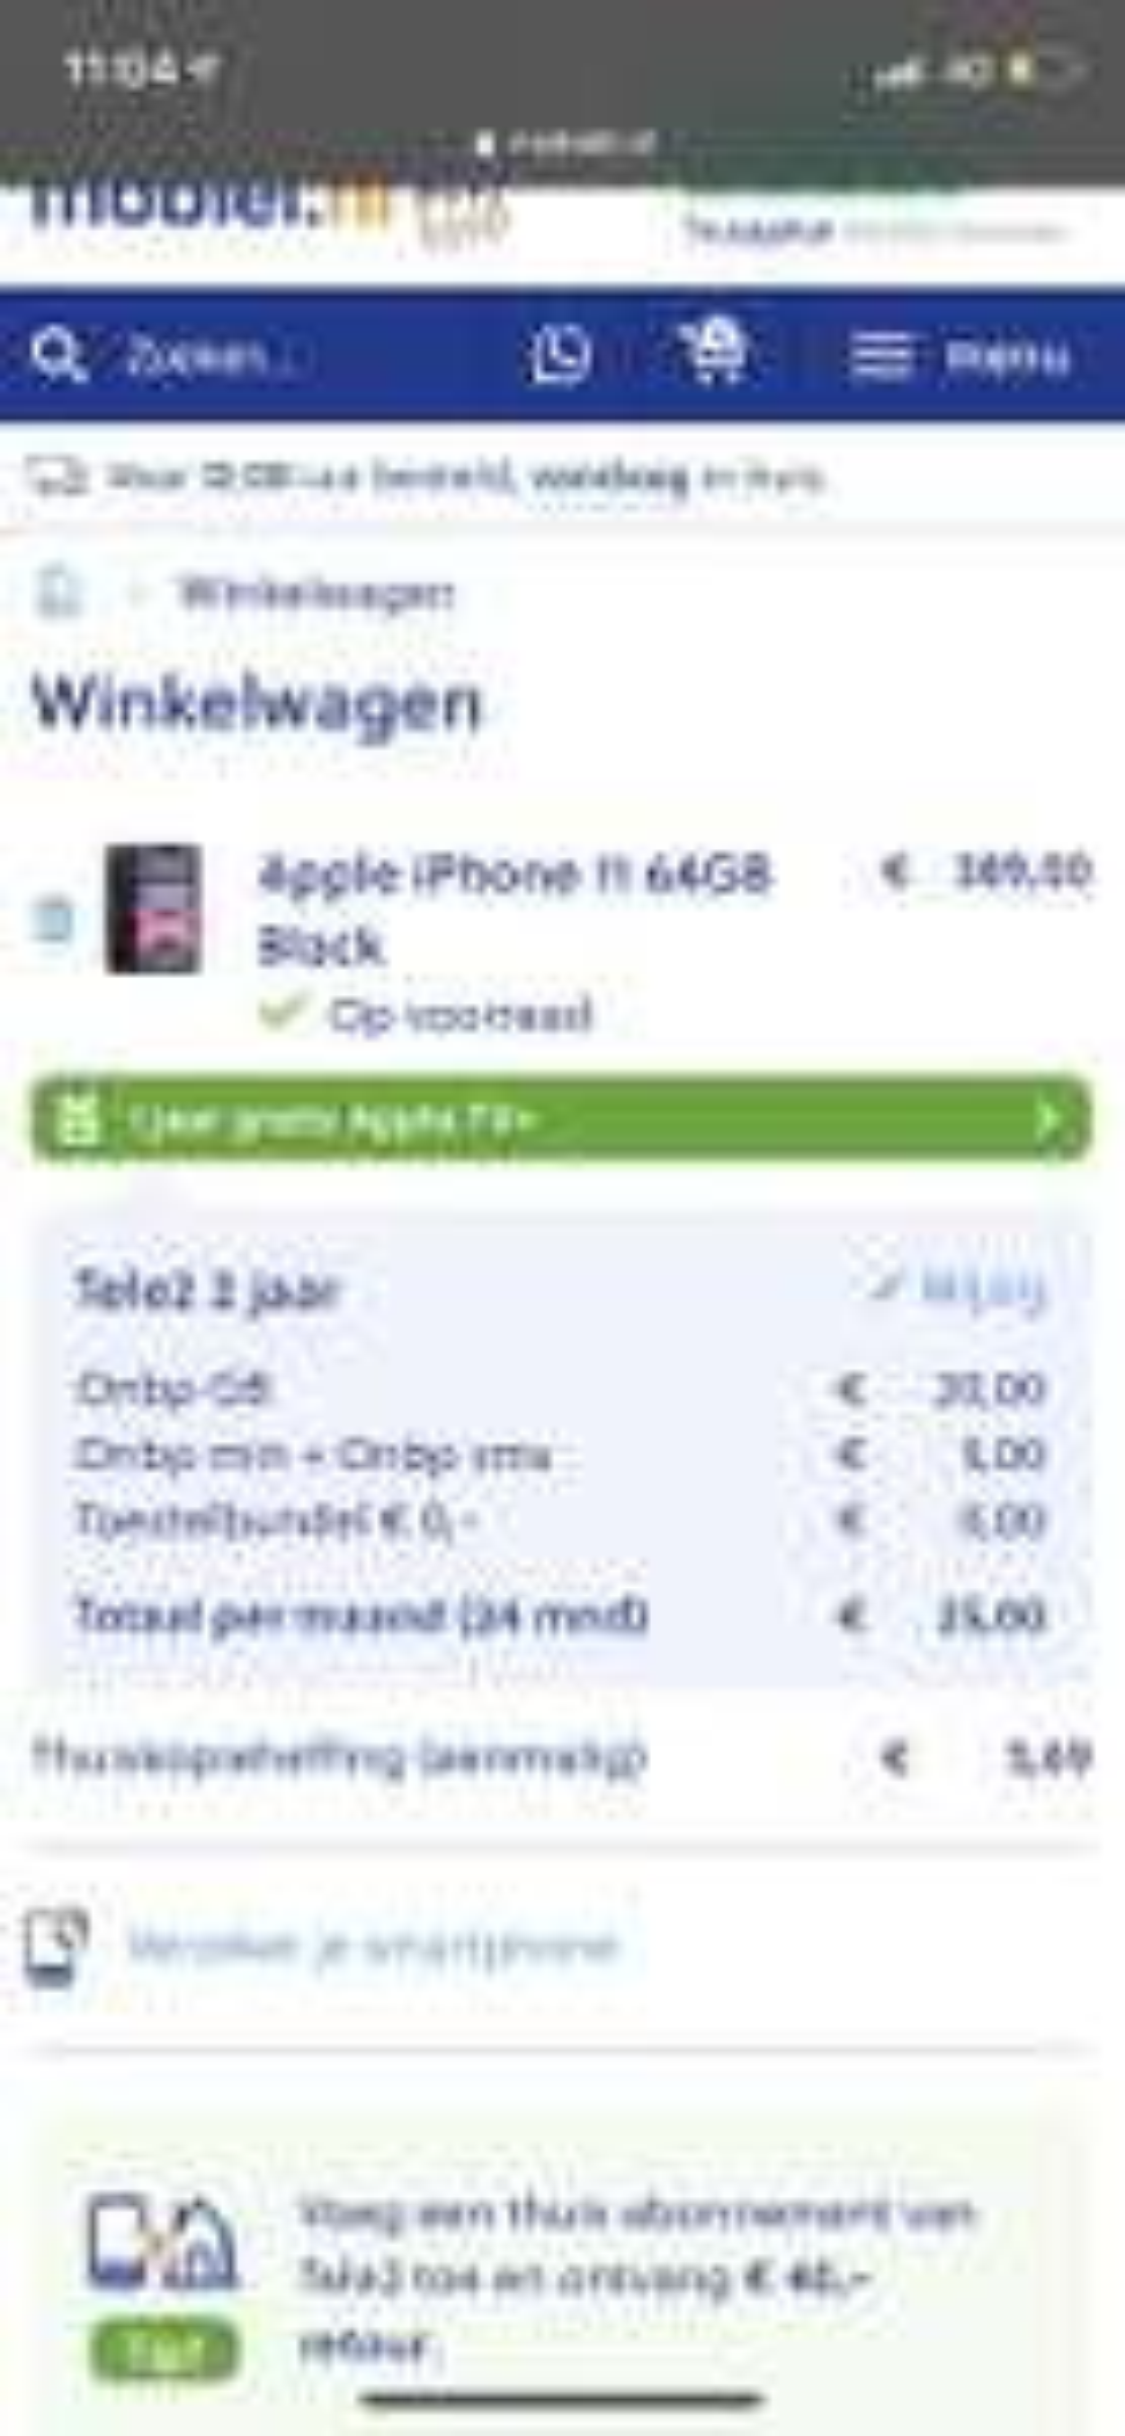 iPhone 11 64GB in combinatie met Abo (Tele2)